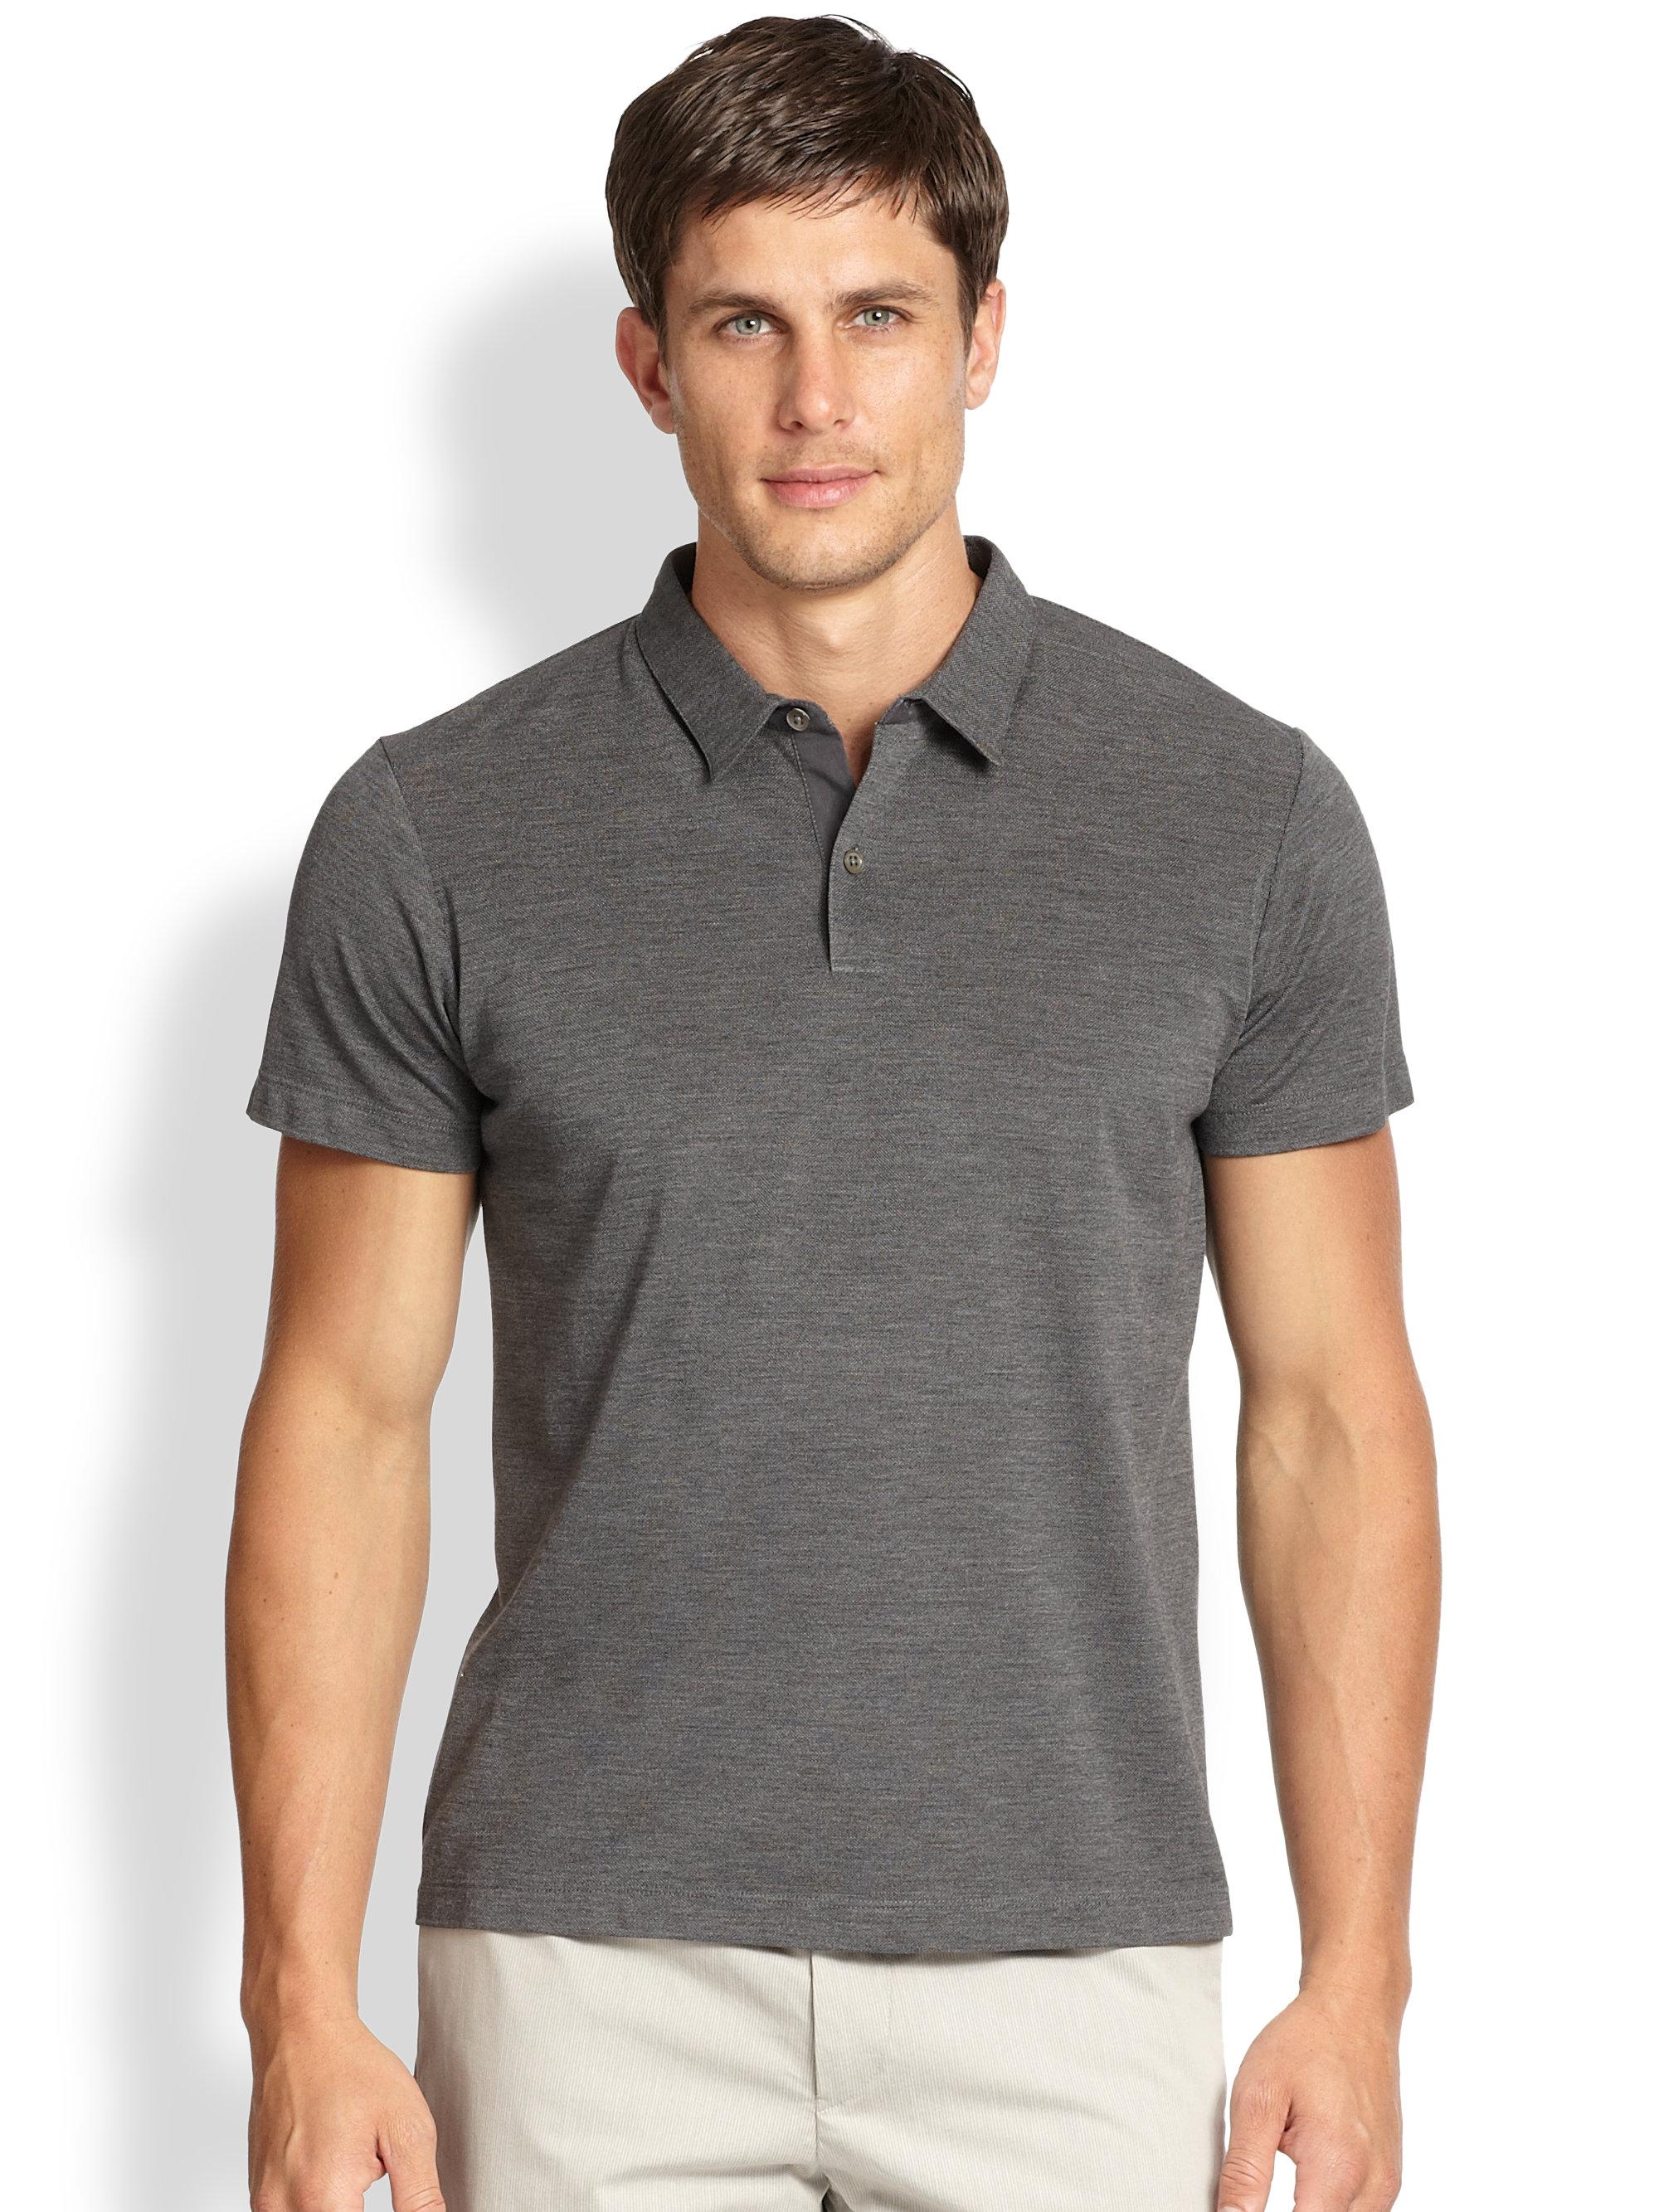 Theory Bron Plato Silk Cotton Polo Shirt In Gray For Men